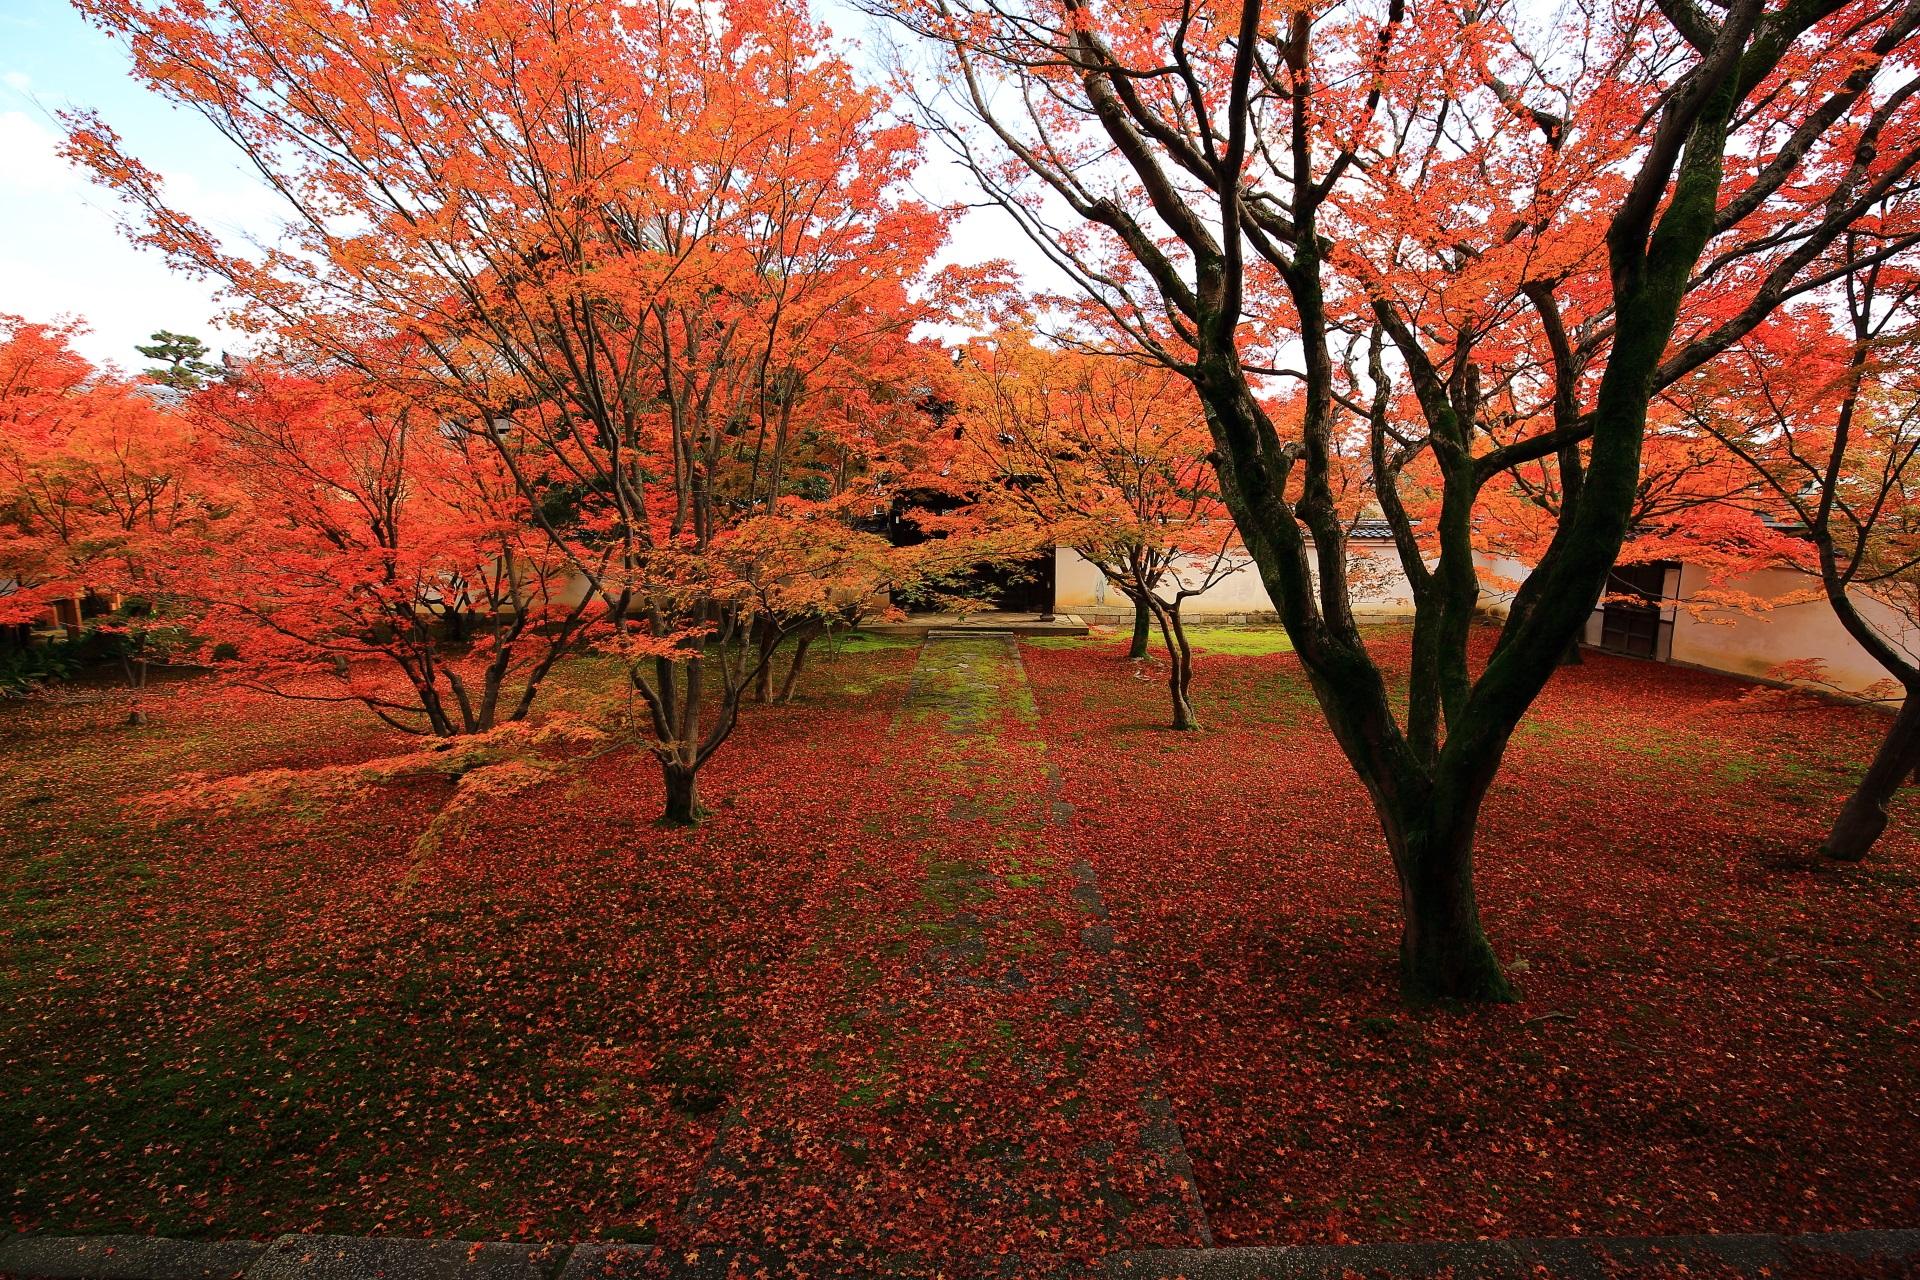 妙覚寺の見事な秋色の空間